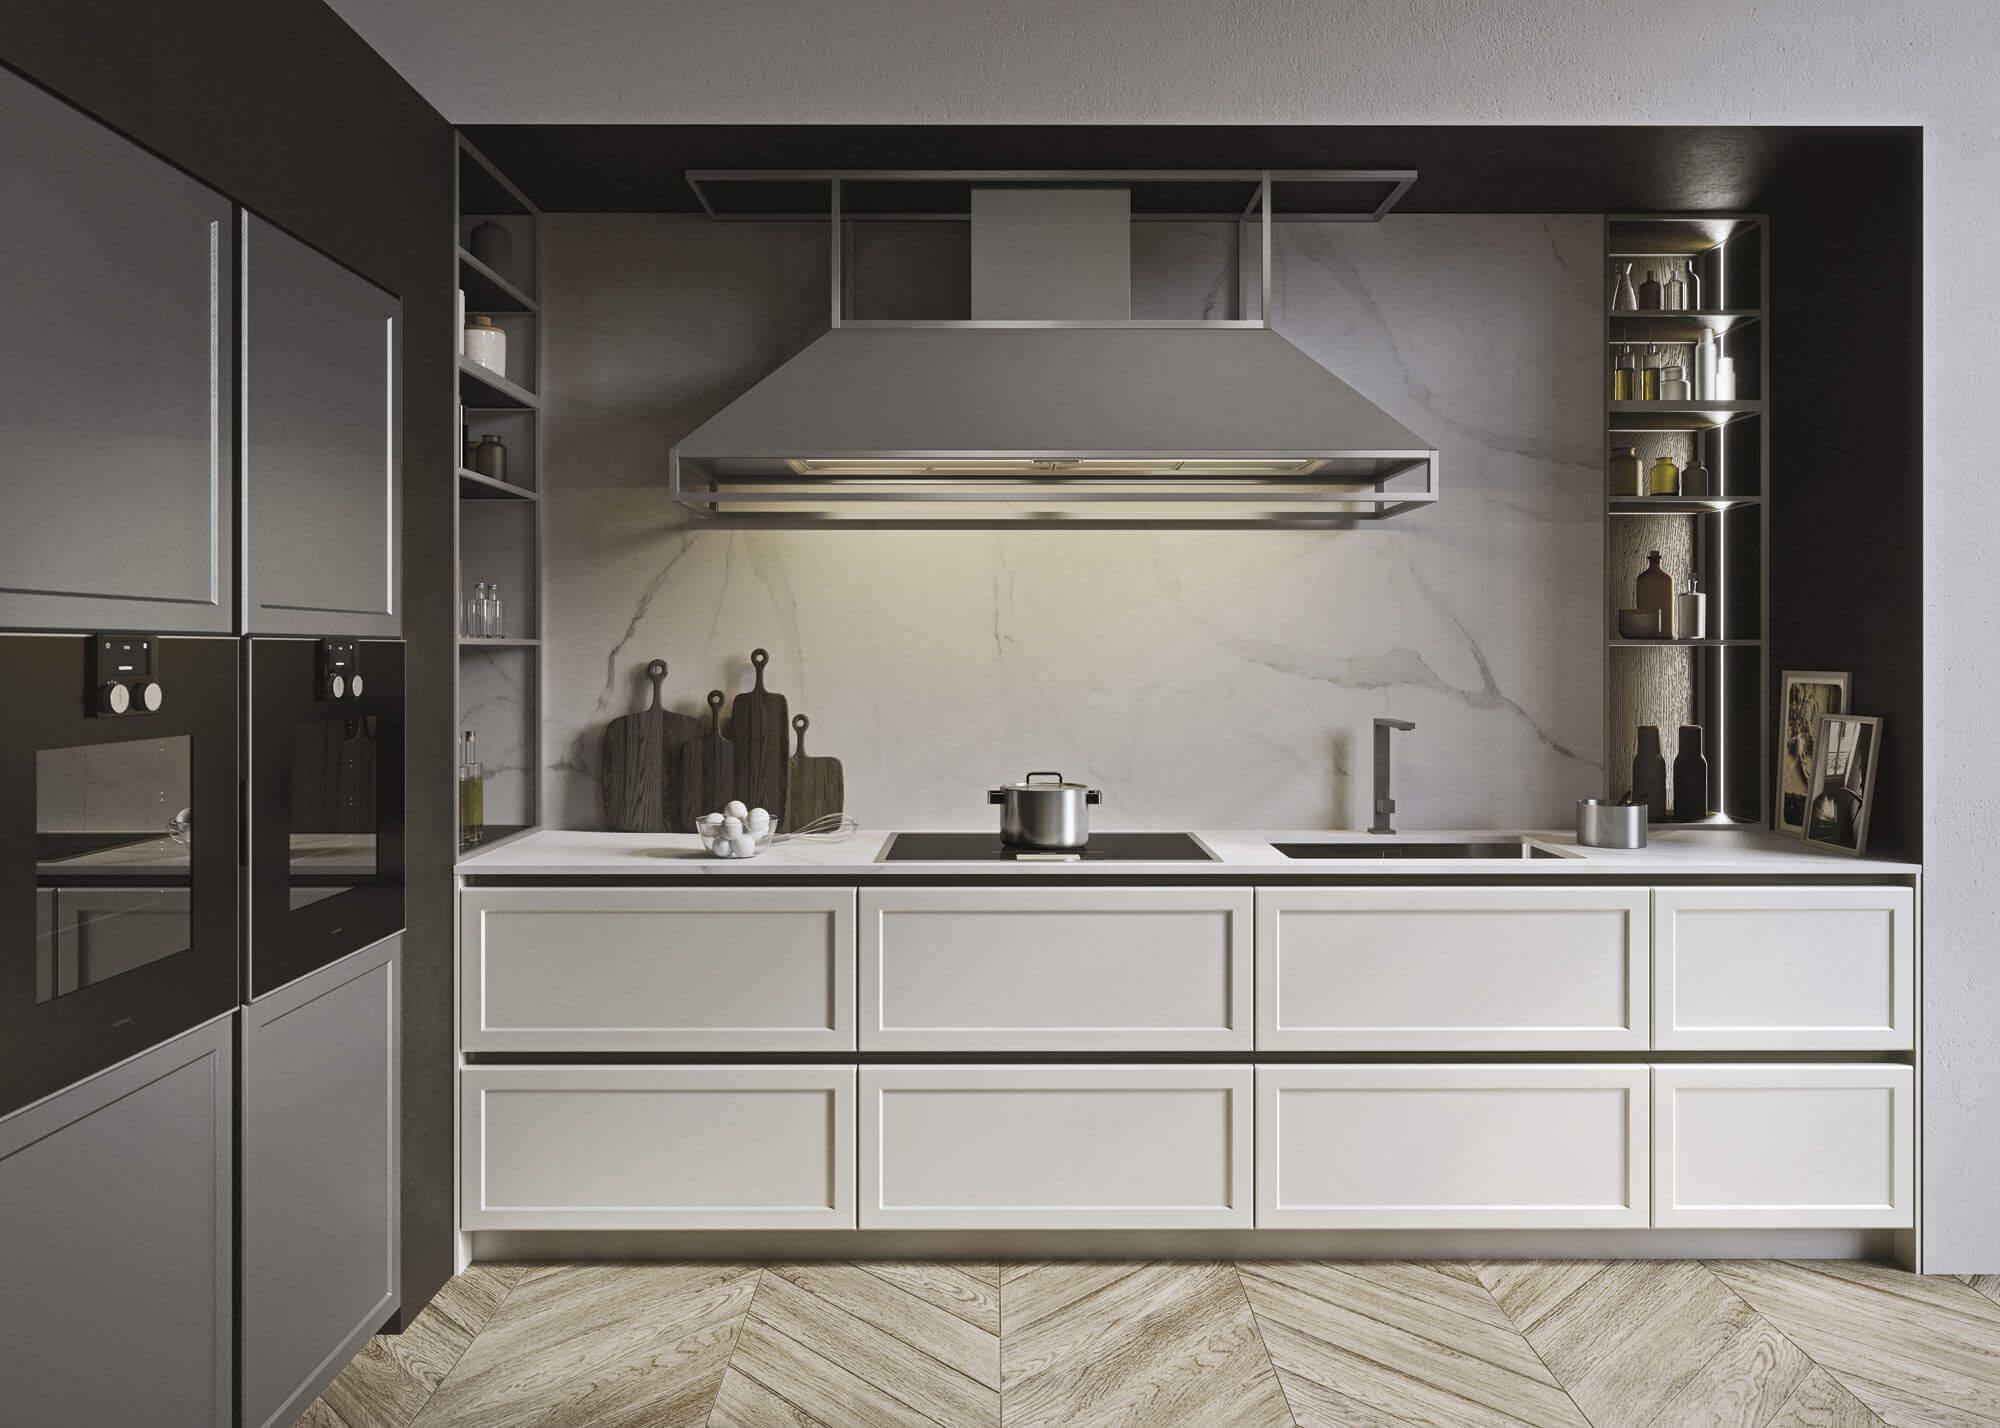 Kwaliteitskeukens van Tieleman Keukens